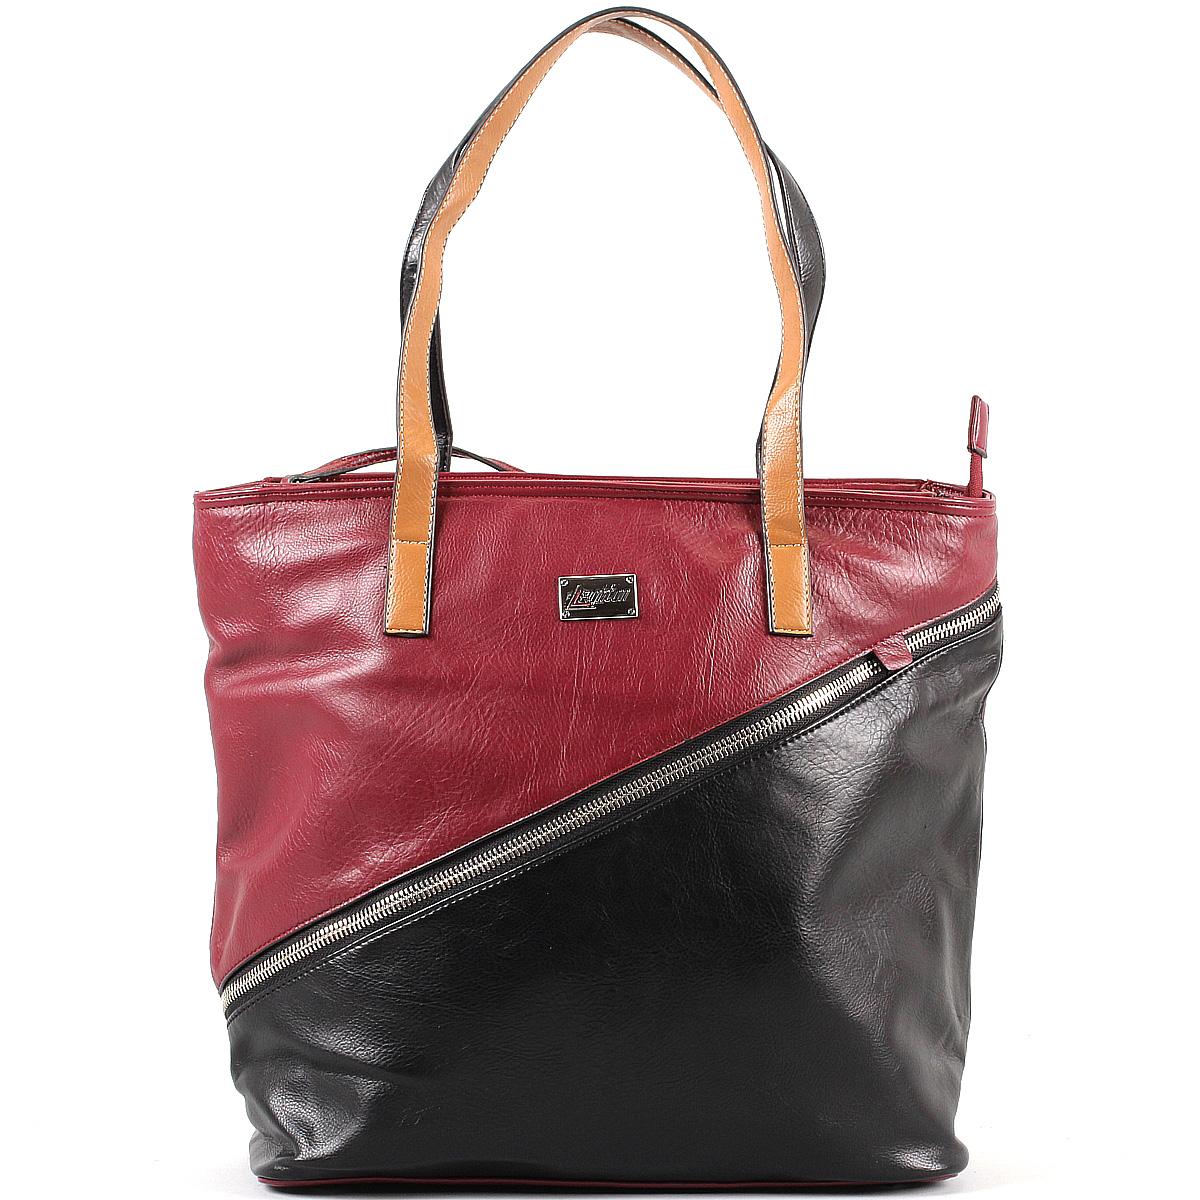 Сумка женская Leighton, цвет: черный, бордовый. 570505-5590/292/46/292/26570505-5590/292/46/292/26Стильная женская сумка Leighton выполнена из высококачественной искусственной кожи с отделкой из кожи контрастного цвета. Лицевая сторона оформлена металлической молнией, вшитой по диагонали. Сумка имеет одно вместительное отделение, закрывающееся на застежку-молнию. Внутри - смежный карман на молнии, вшитый кармашек на молнии и два накладных кармана для мелочей. С внешней стороны по диагонали расположен вшитый карман на молнии, на задней стенке расположен карман на молнии. Сумка оснащена двумя ручками, позволяющими носить ее на плече. В комплекте чехол для хранения. Фурнитура - серебристого цвета. К сумке прилагается кошелек на молнии. Сумка - это стильный аксессуар, который подчеркнет вашу индивидуальность и сделает ваш образ завершенным. Классическое цветовое сочетание, стильный декор, модный дизайн - прекрасное дополнение к гардеробу модницы.